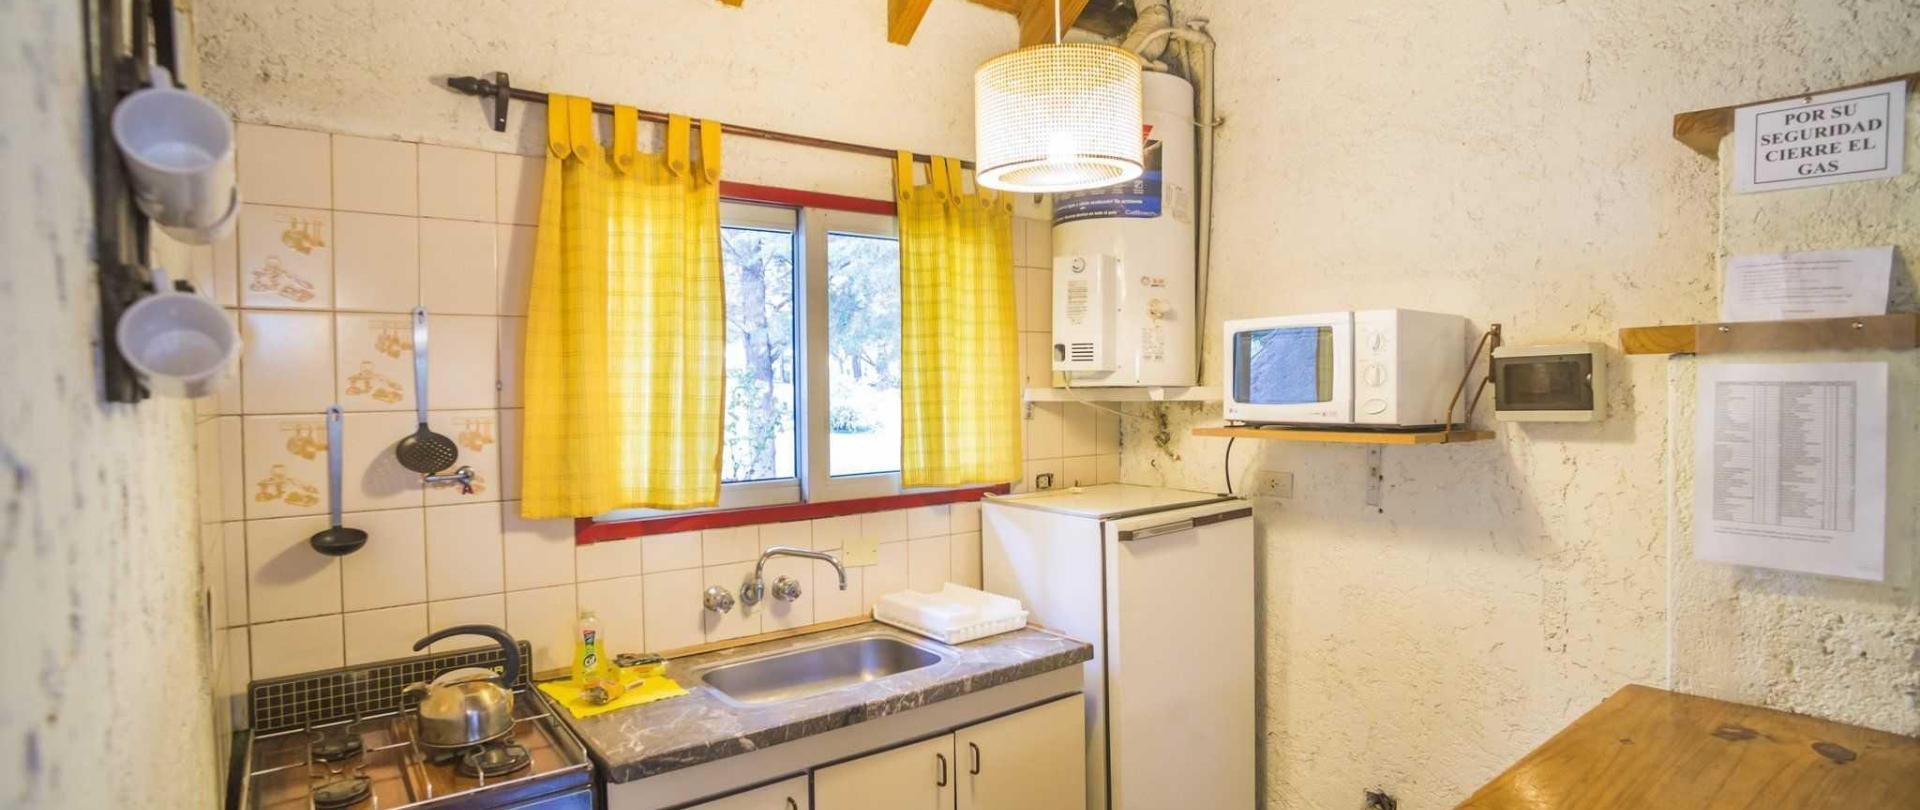 Kitchen in a cabin at Cabañas Del Pastizal, Uspallata, Mendoza Province, Argentina-2